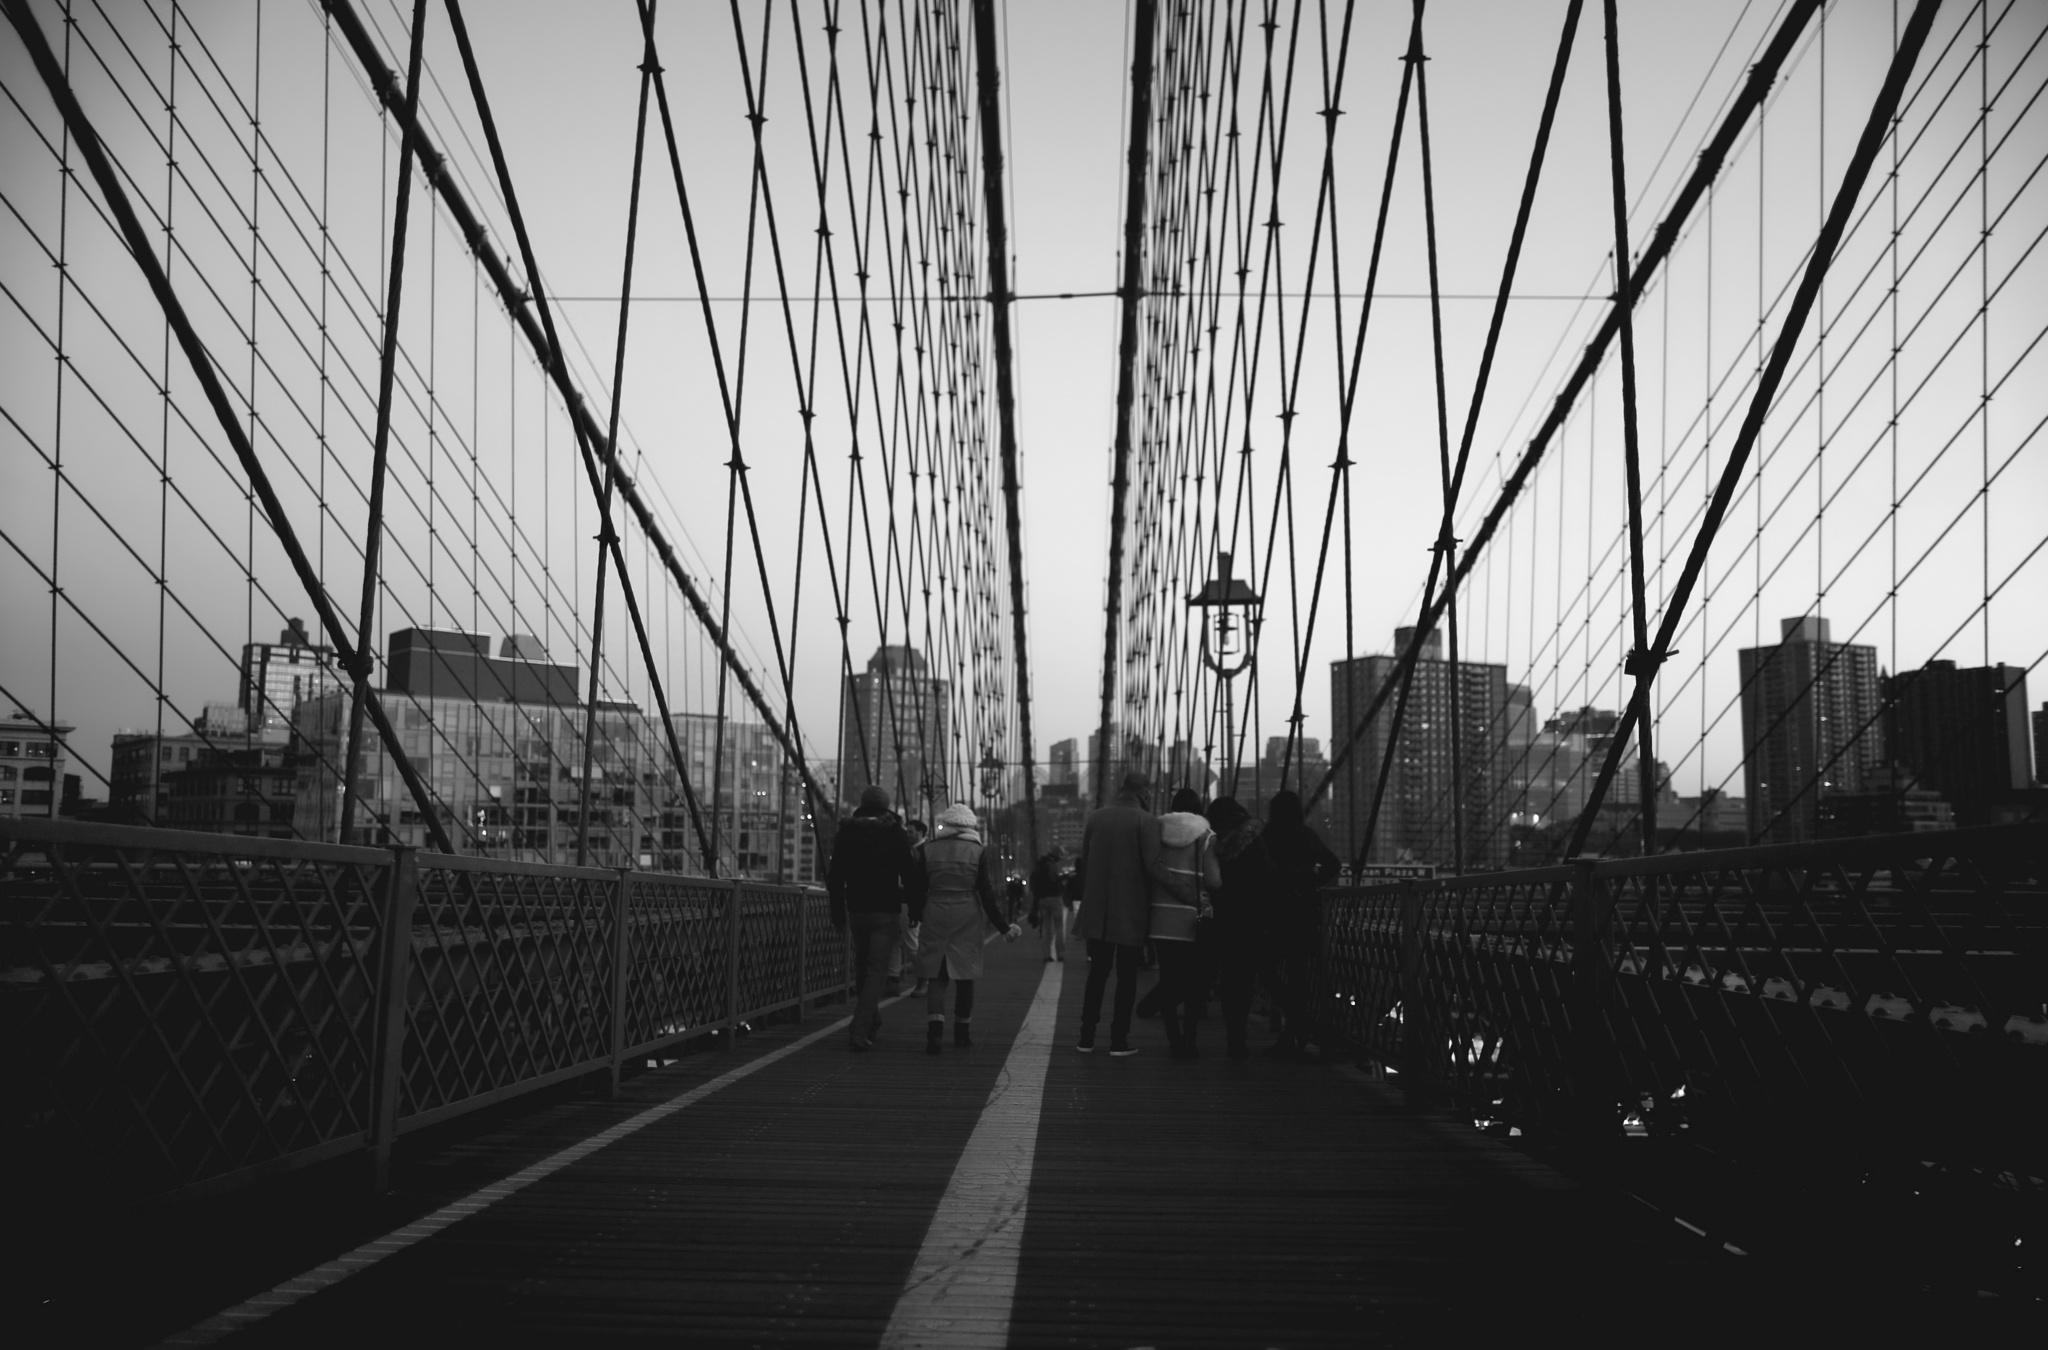 Visitors On Brooklyn Bridge by visbimmer79